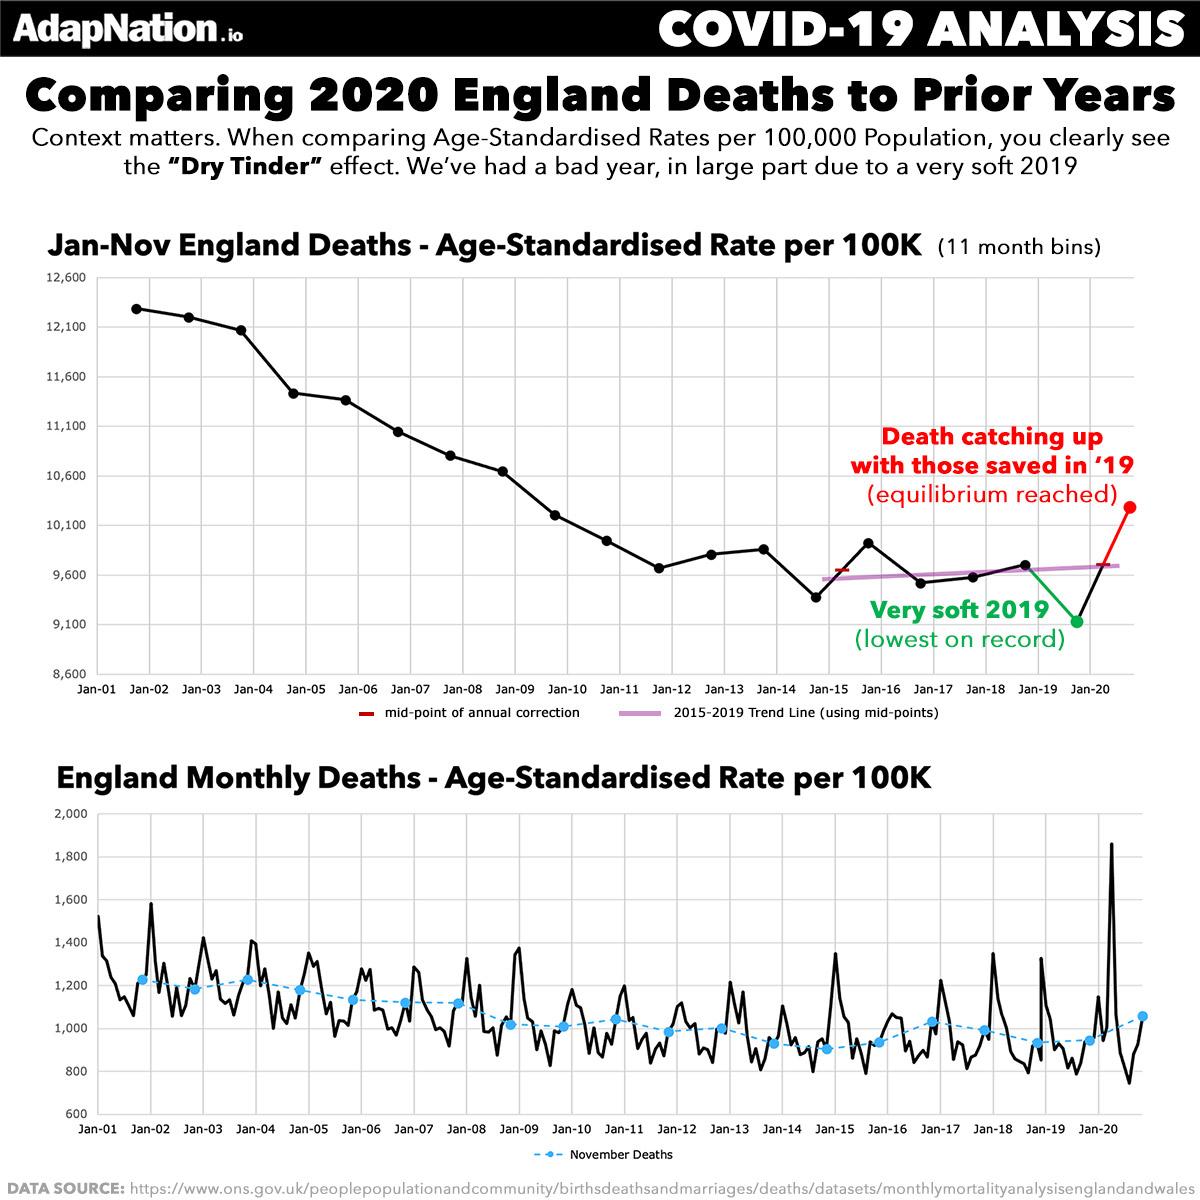 UK Jan-Nov Dry Tinder Effect